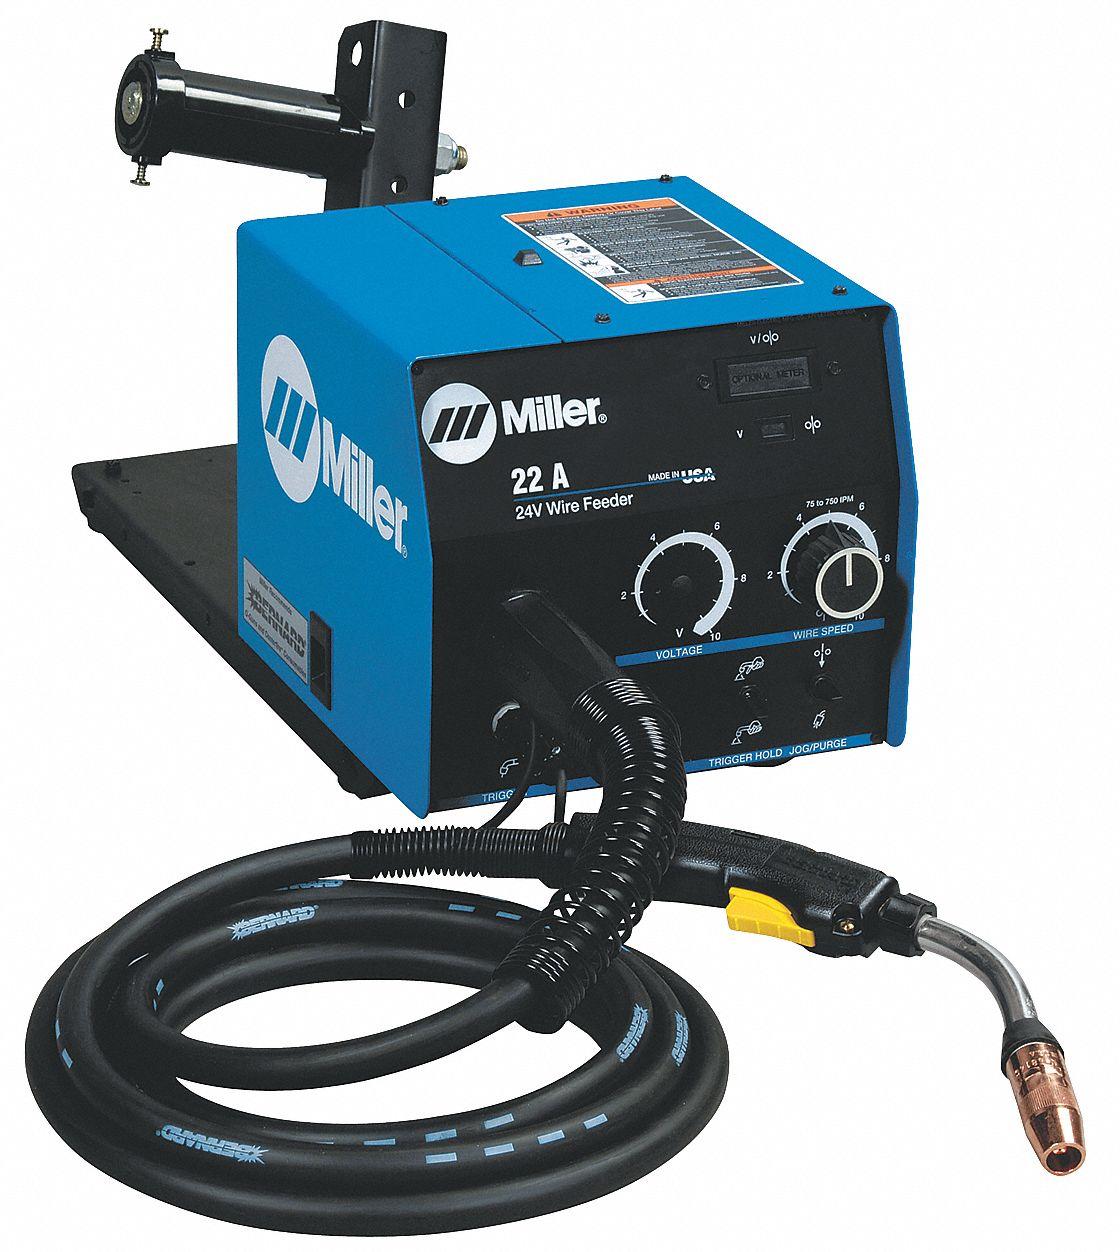 MILLER ELECTRIC 24A Wire Feeder,w/Digital Display,Gun - 5GWN4 951194 ...